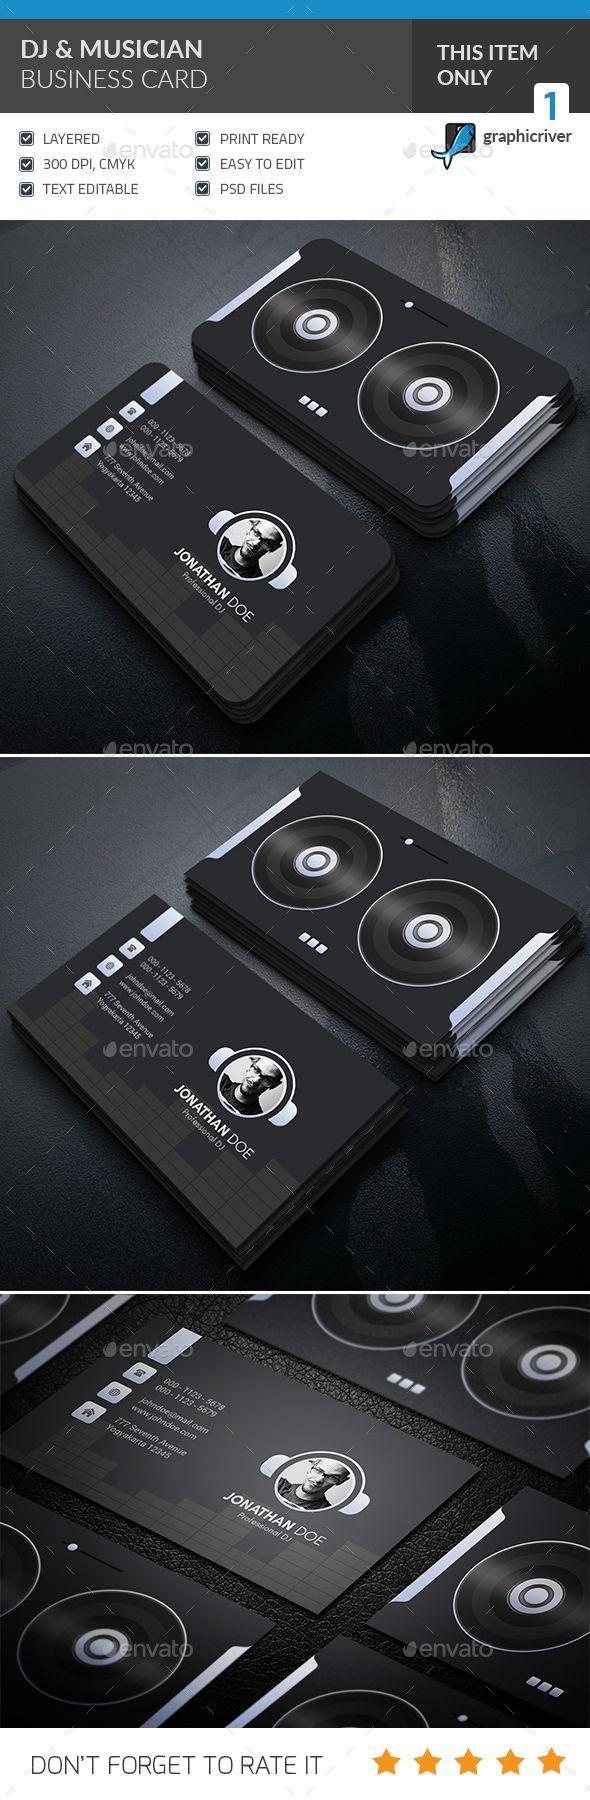 DJ & Musician Business Card Design - Corporate Business Card ...